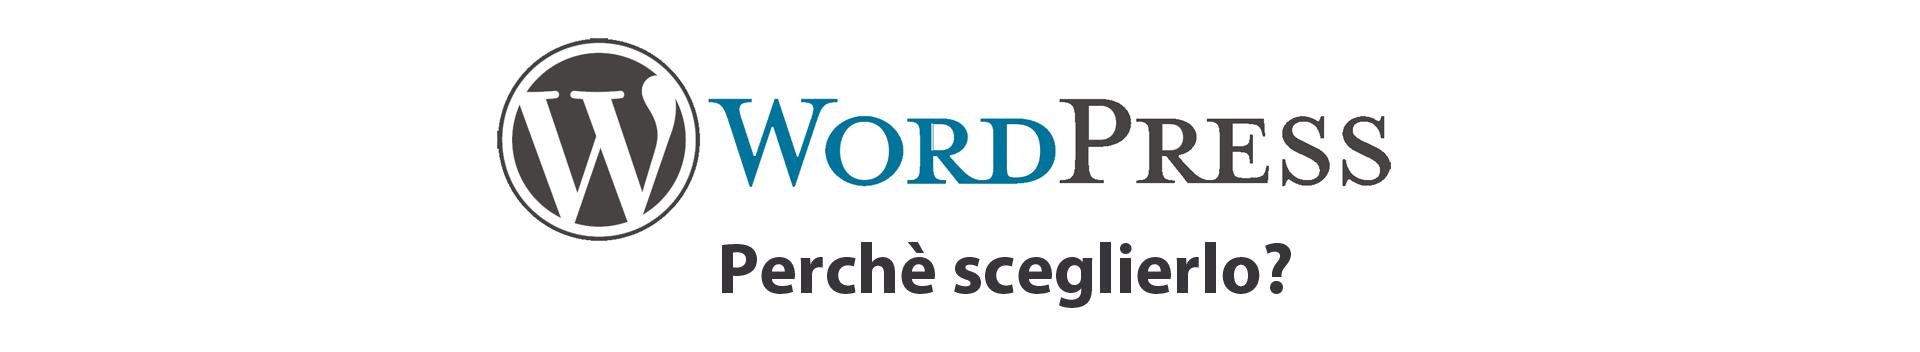 sfondo-wordpress